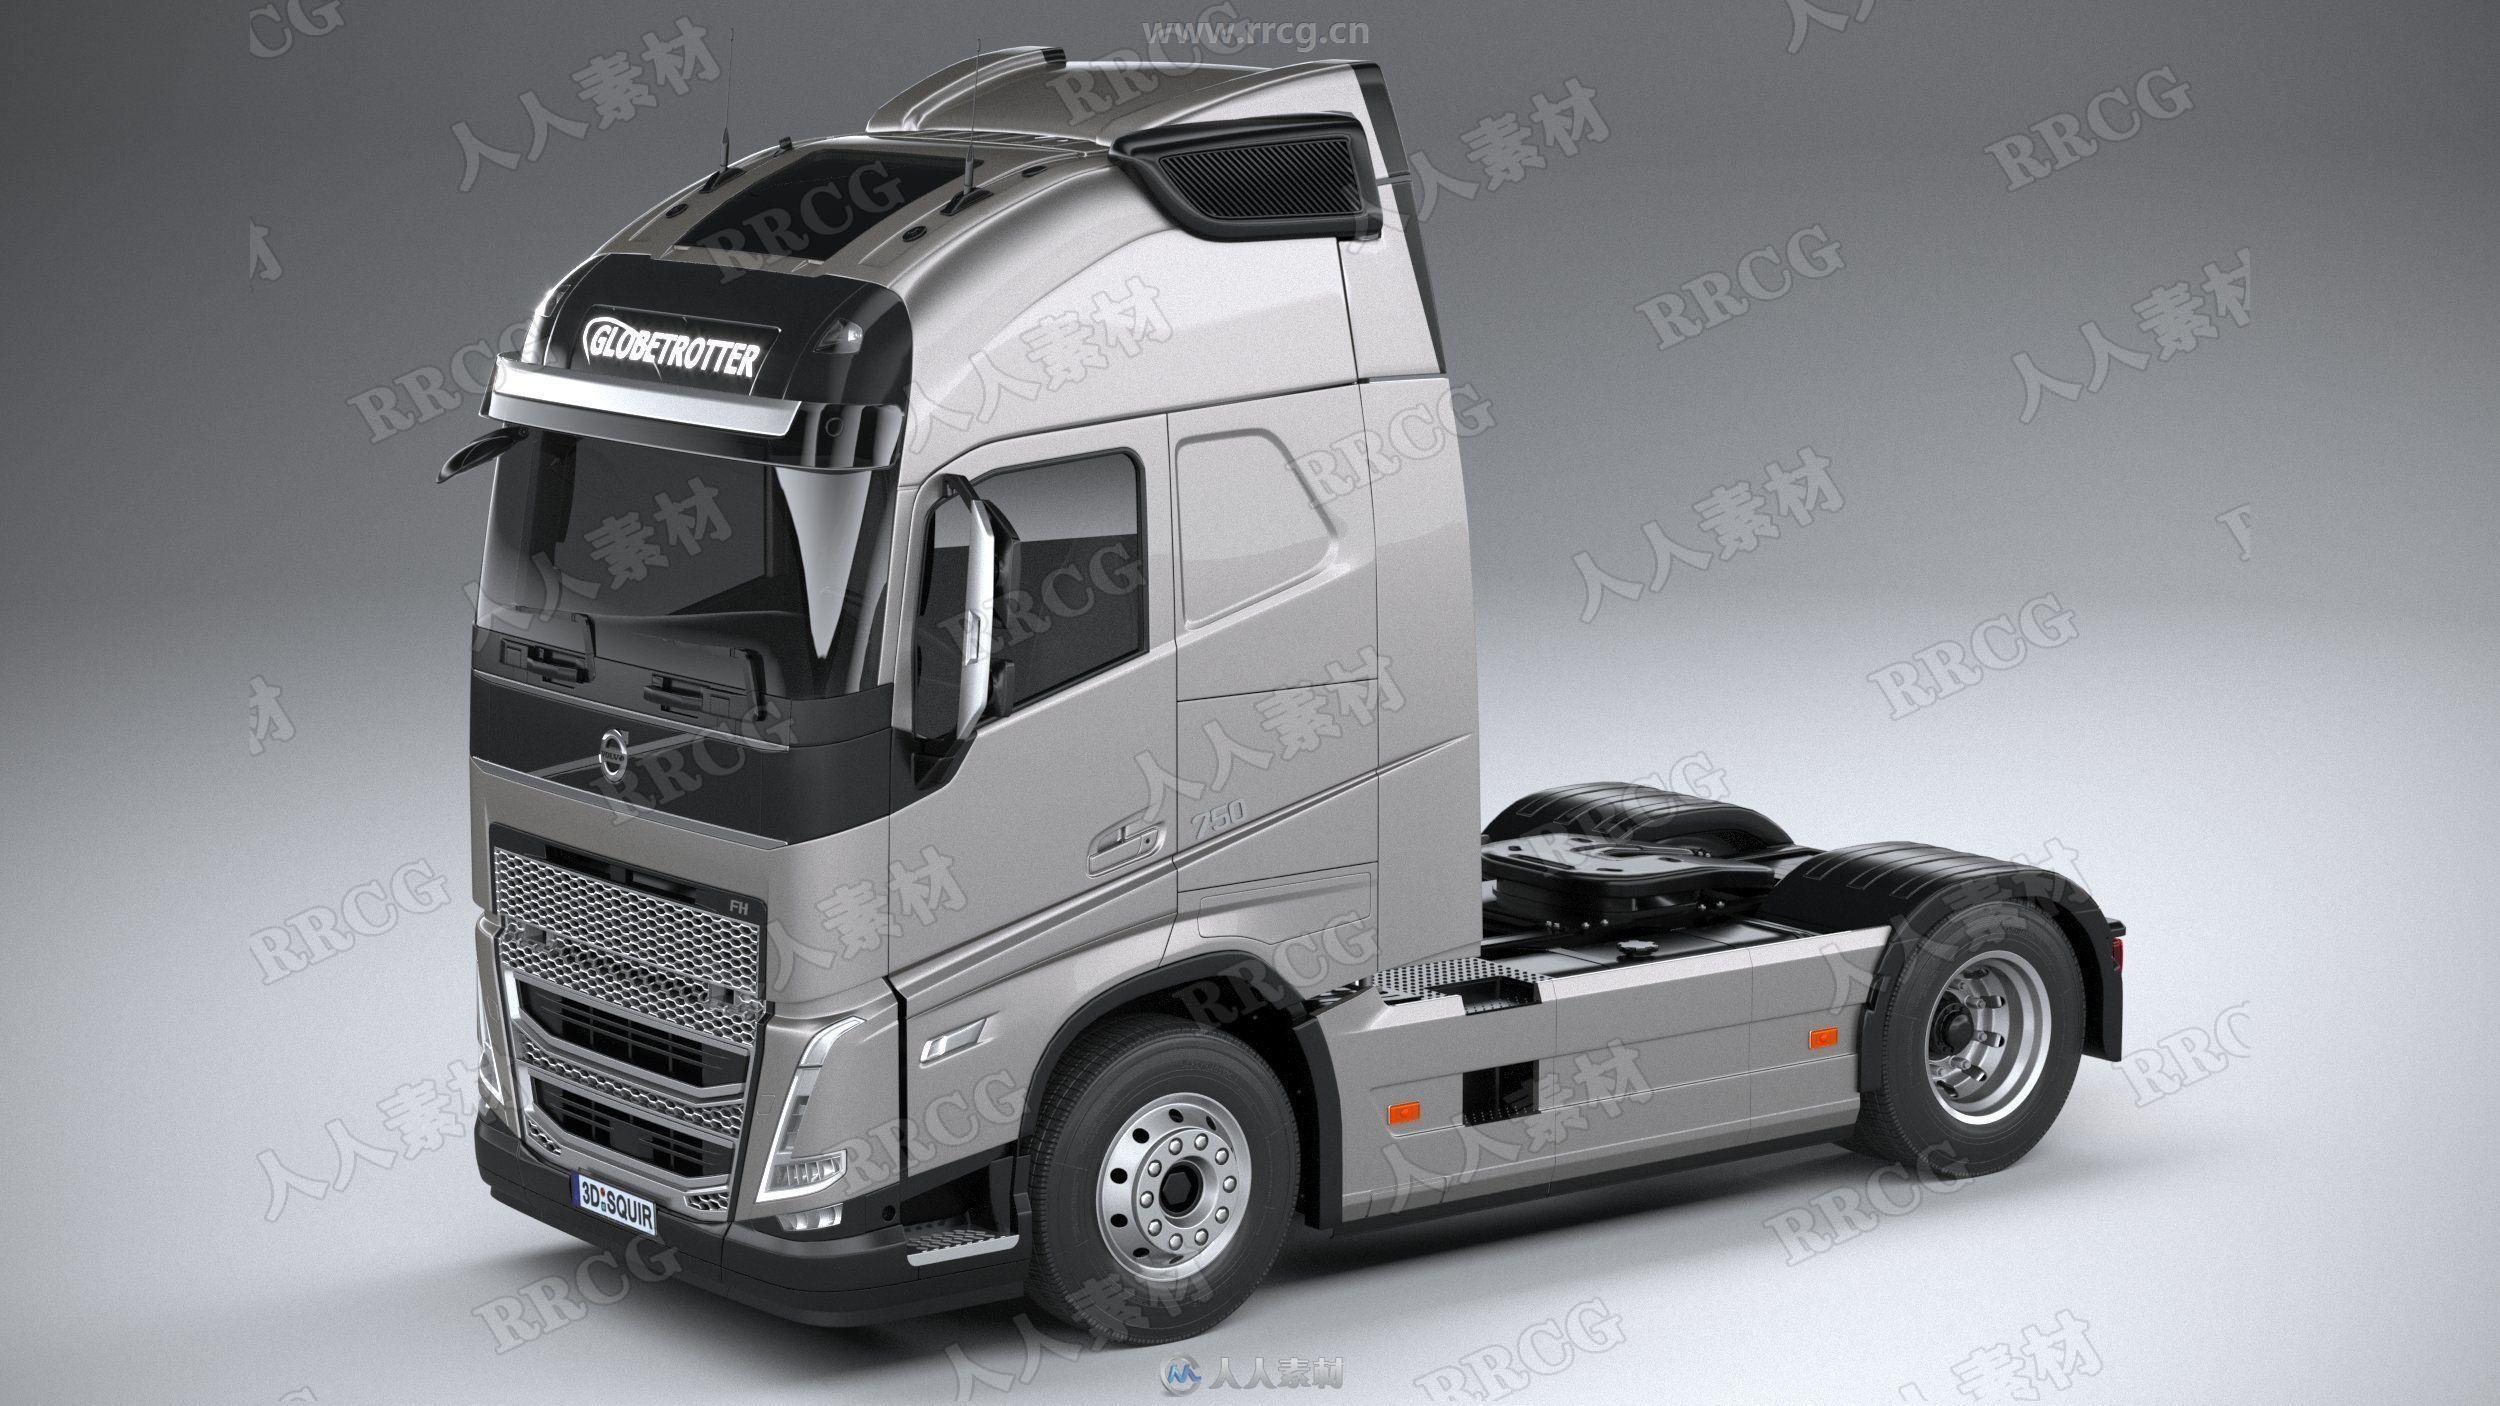 沃尔沃重卡牵引车Volvo FH16真实汽车高质量3D模型